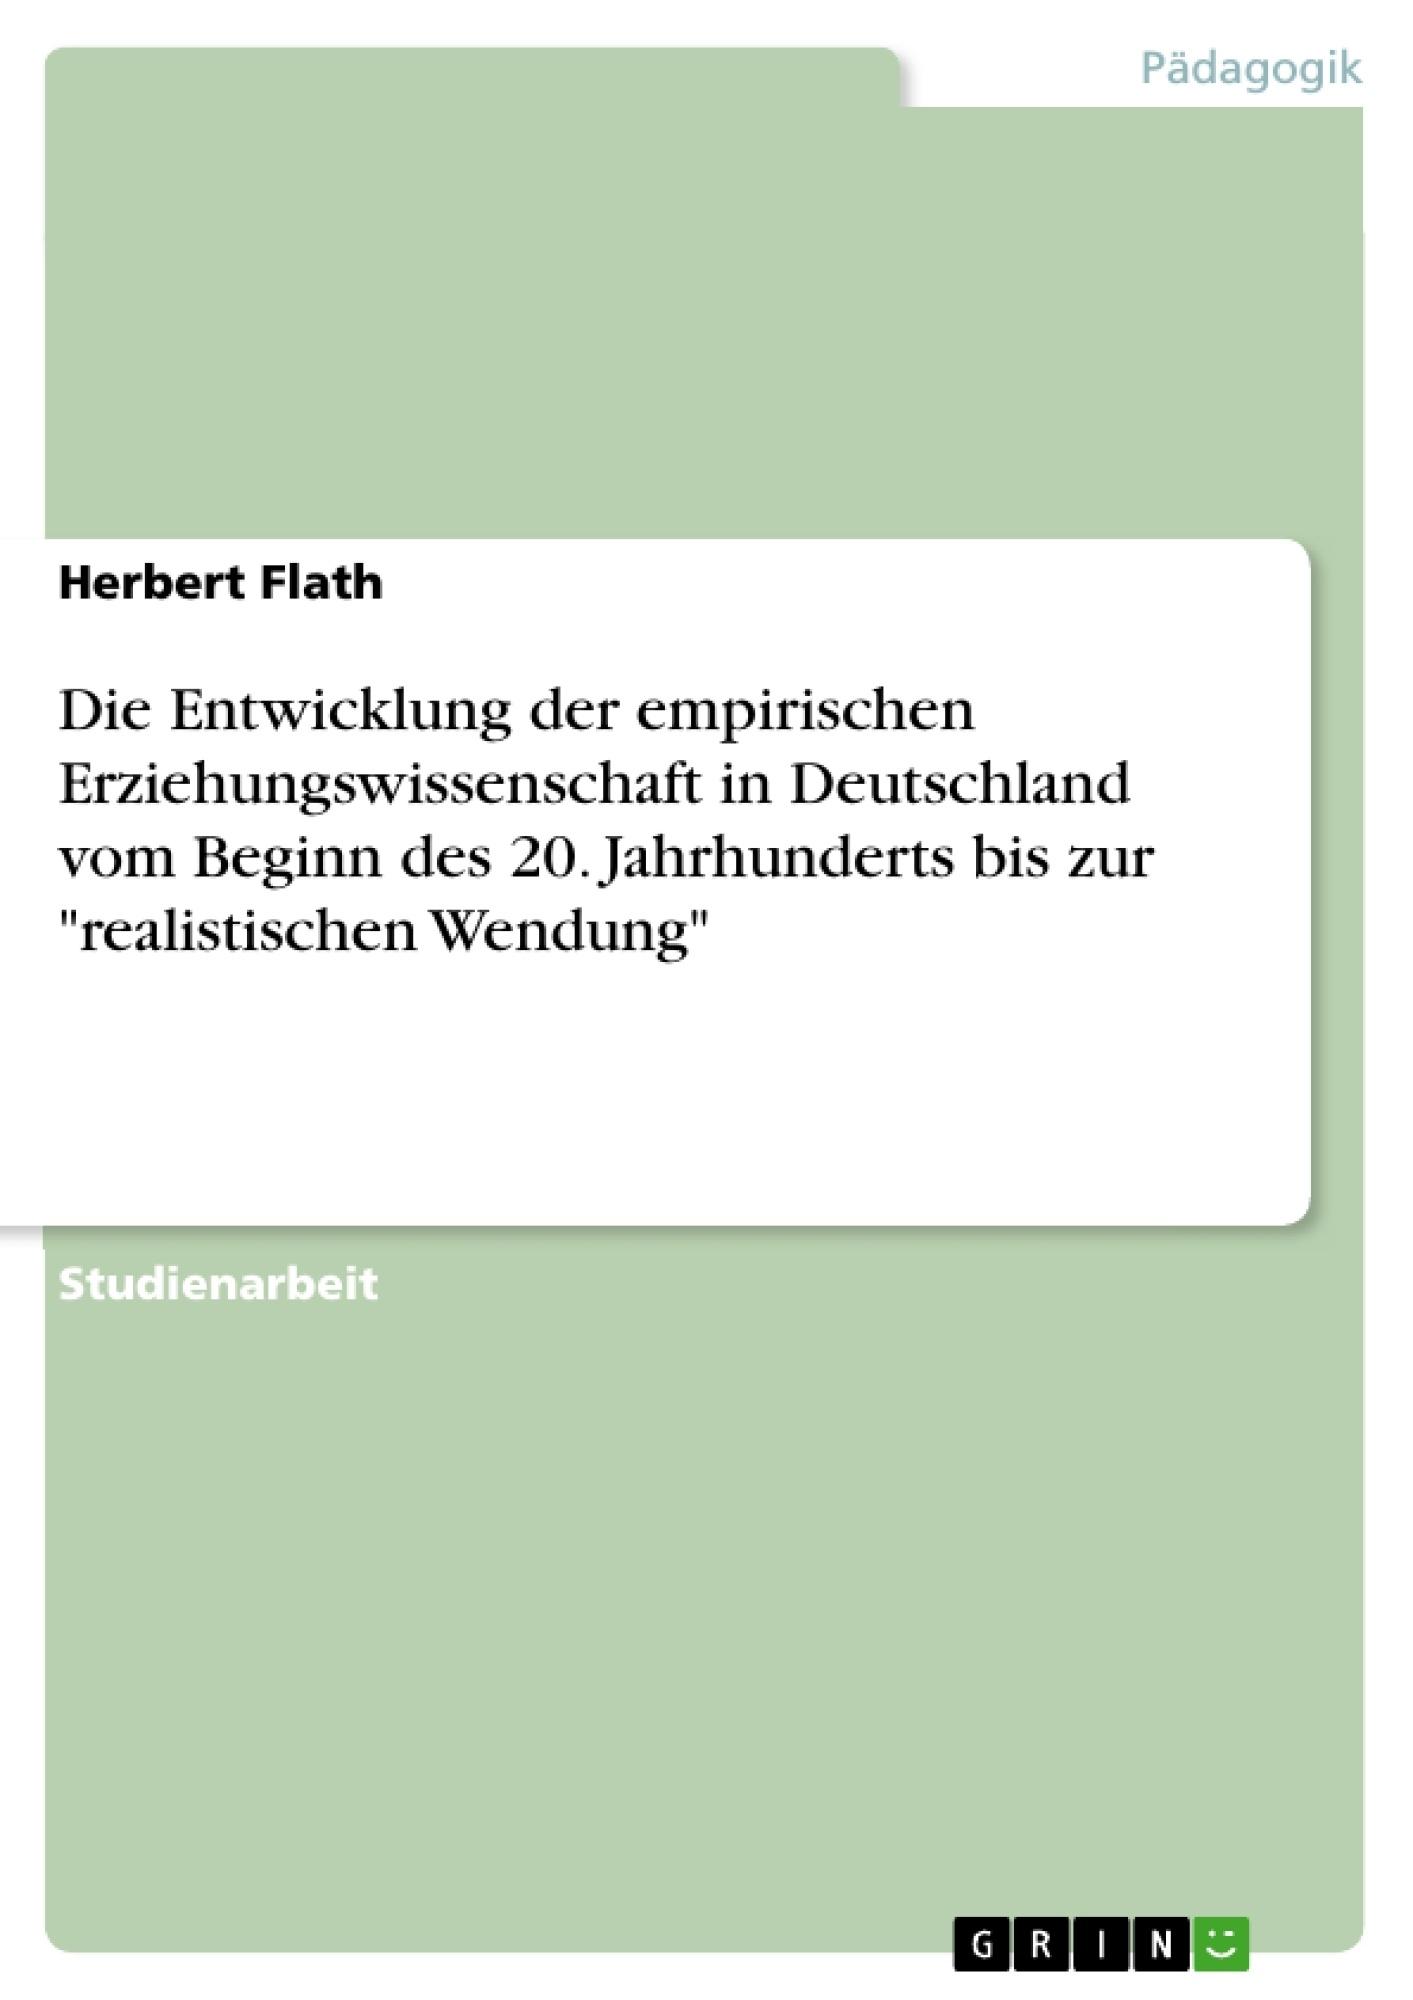 """Titel: Die Entwicklung der empirischen Erziehungswissenschaft in Deutschland vom Beginn des 20. Jahrhunderts bis zur """"realistischen Wendung"""""""